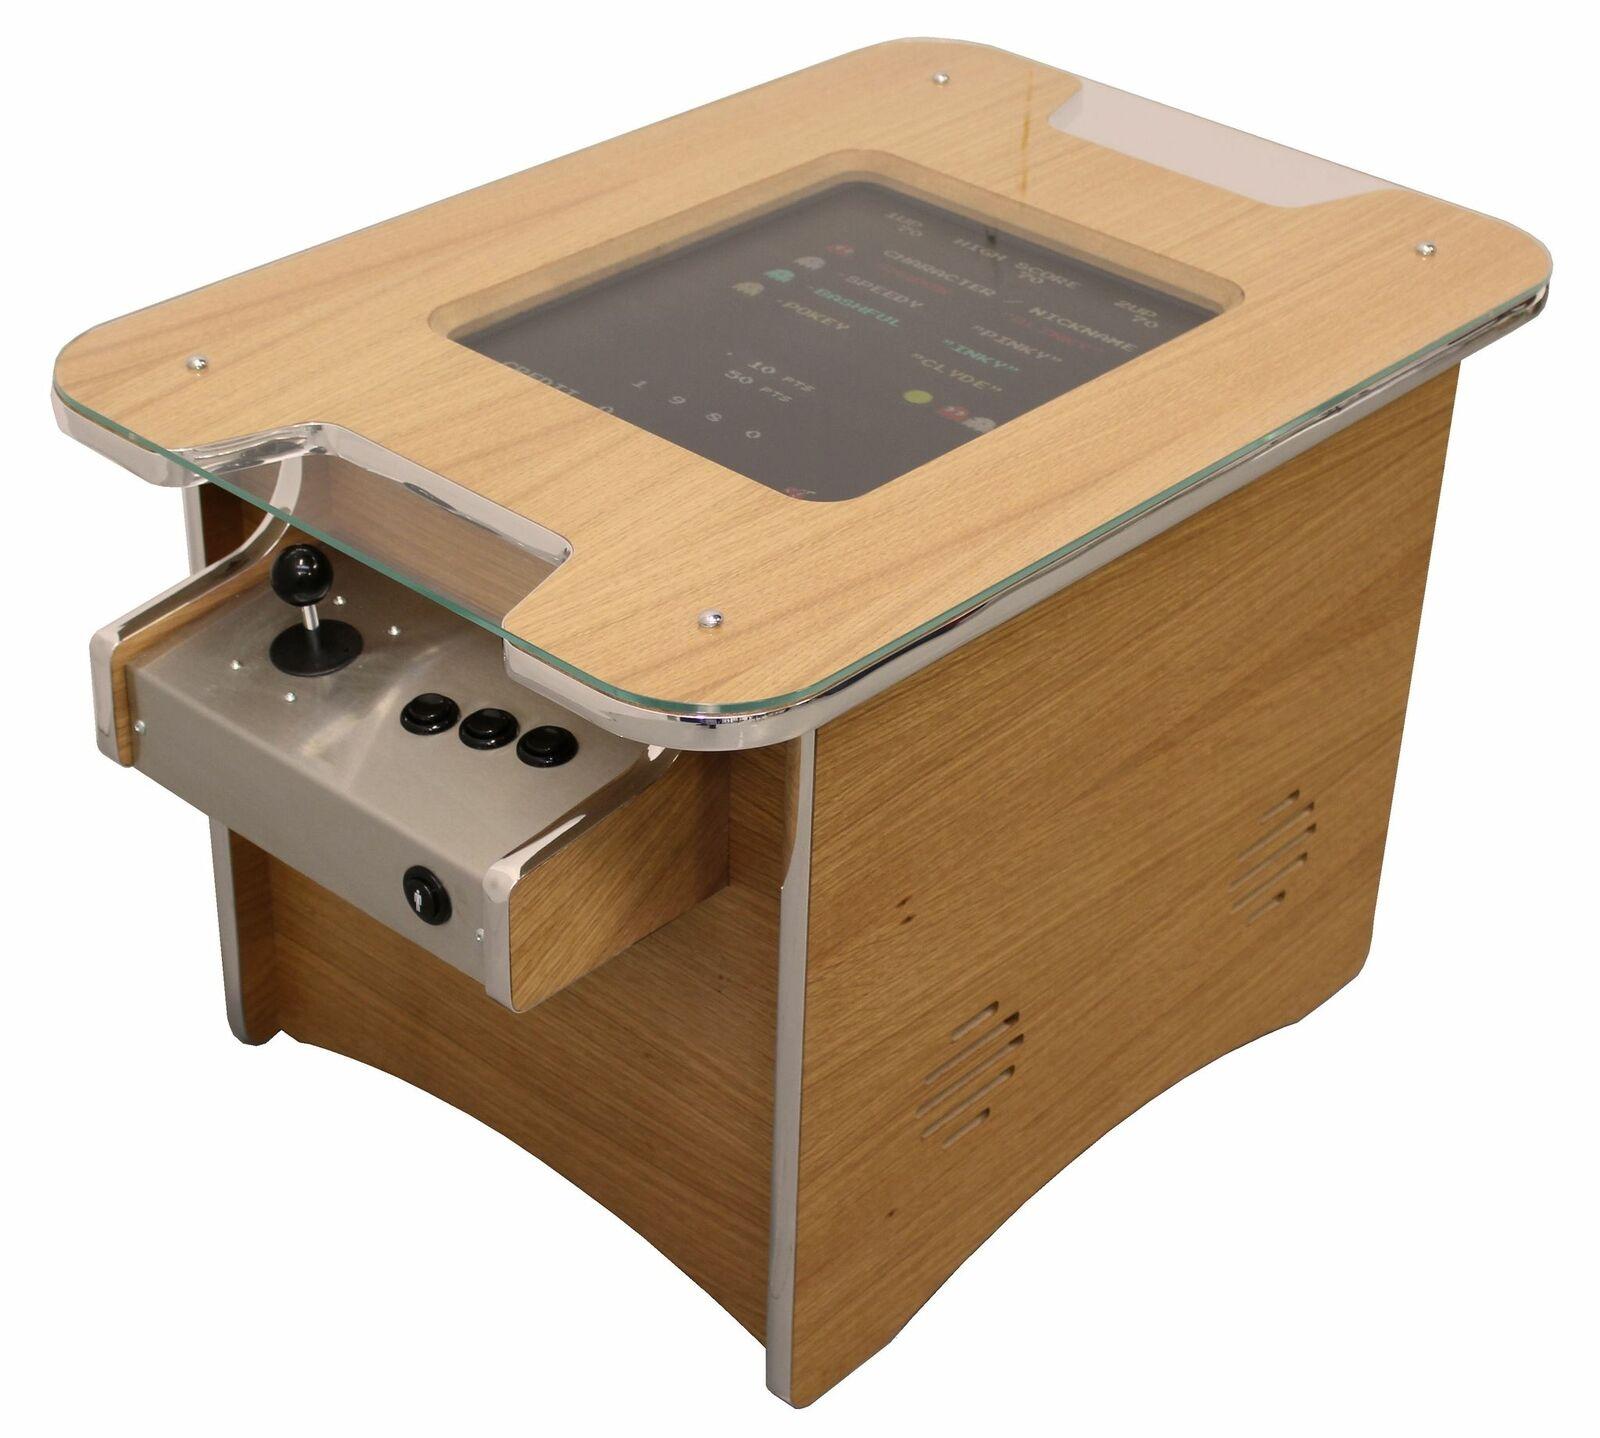 Oak Retro Arcade Coffee Table Arcade Machine | 60 retro games | 1yr Warranty